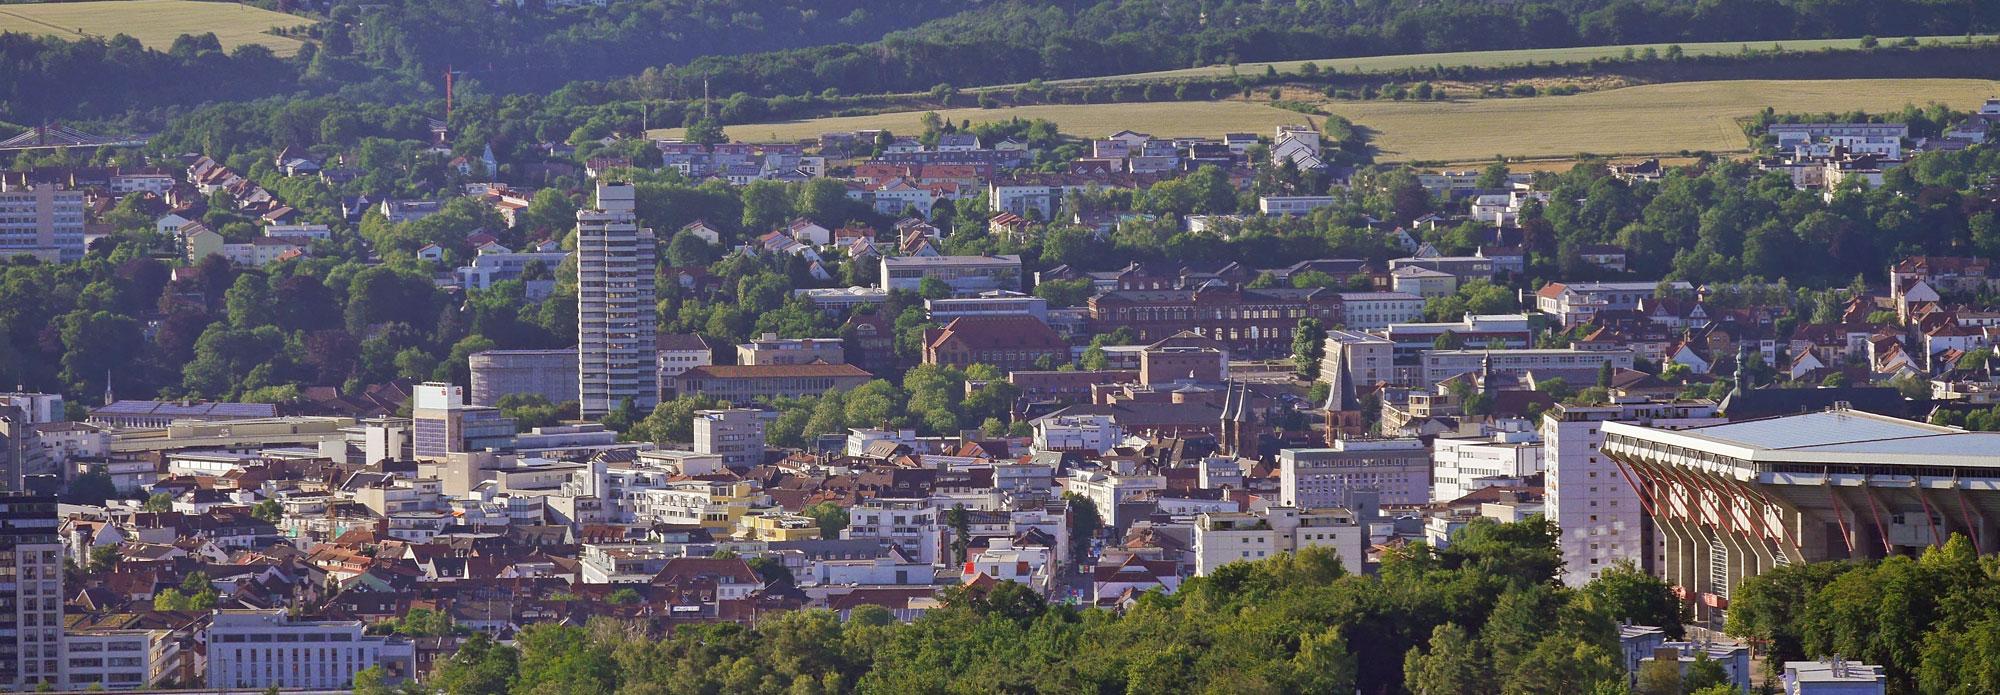 Kaiserslautern Stadtansicht